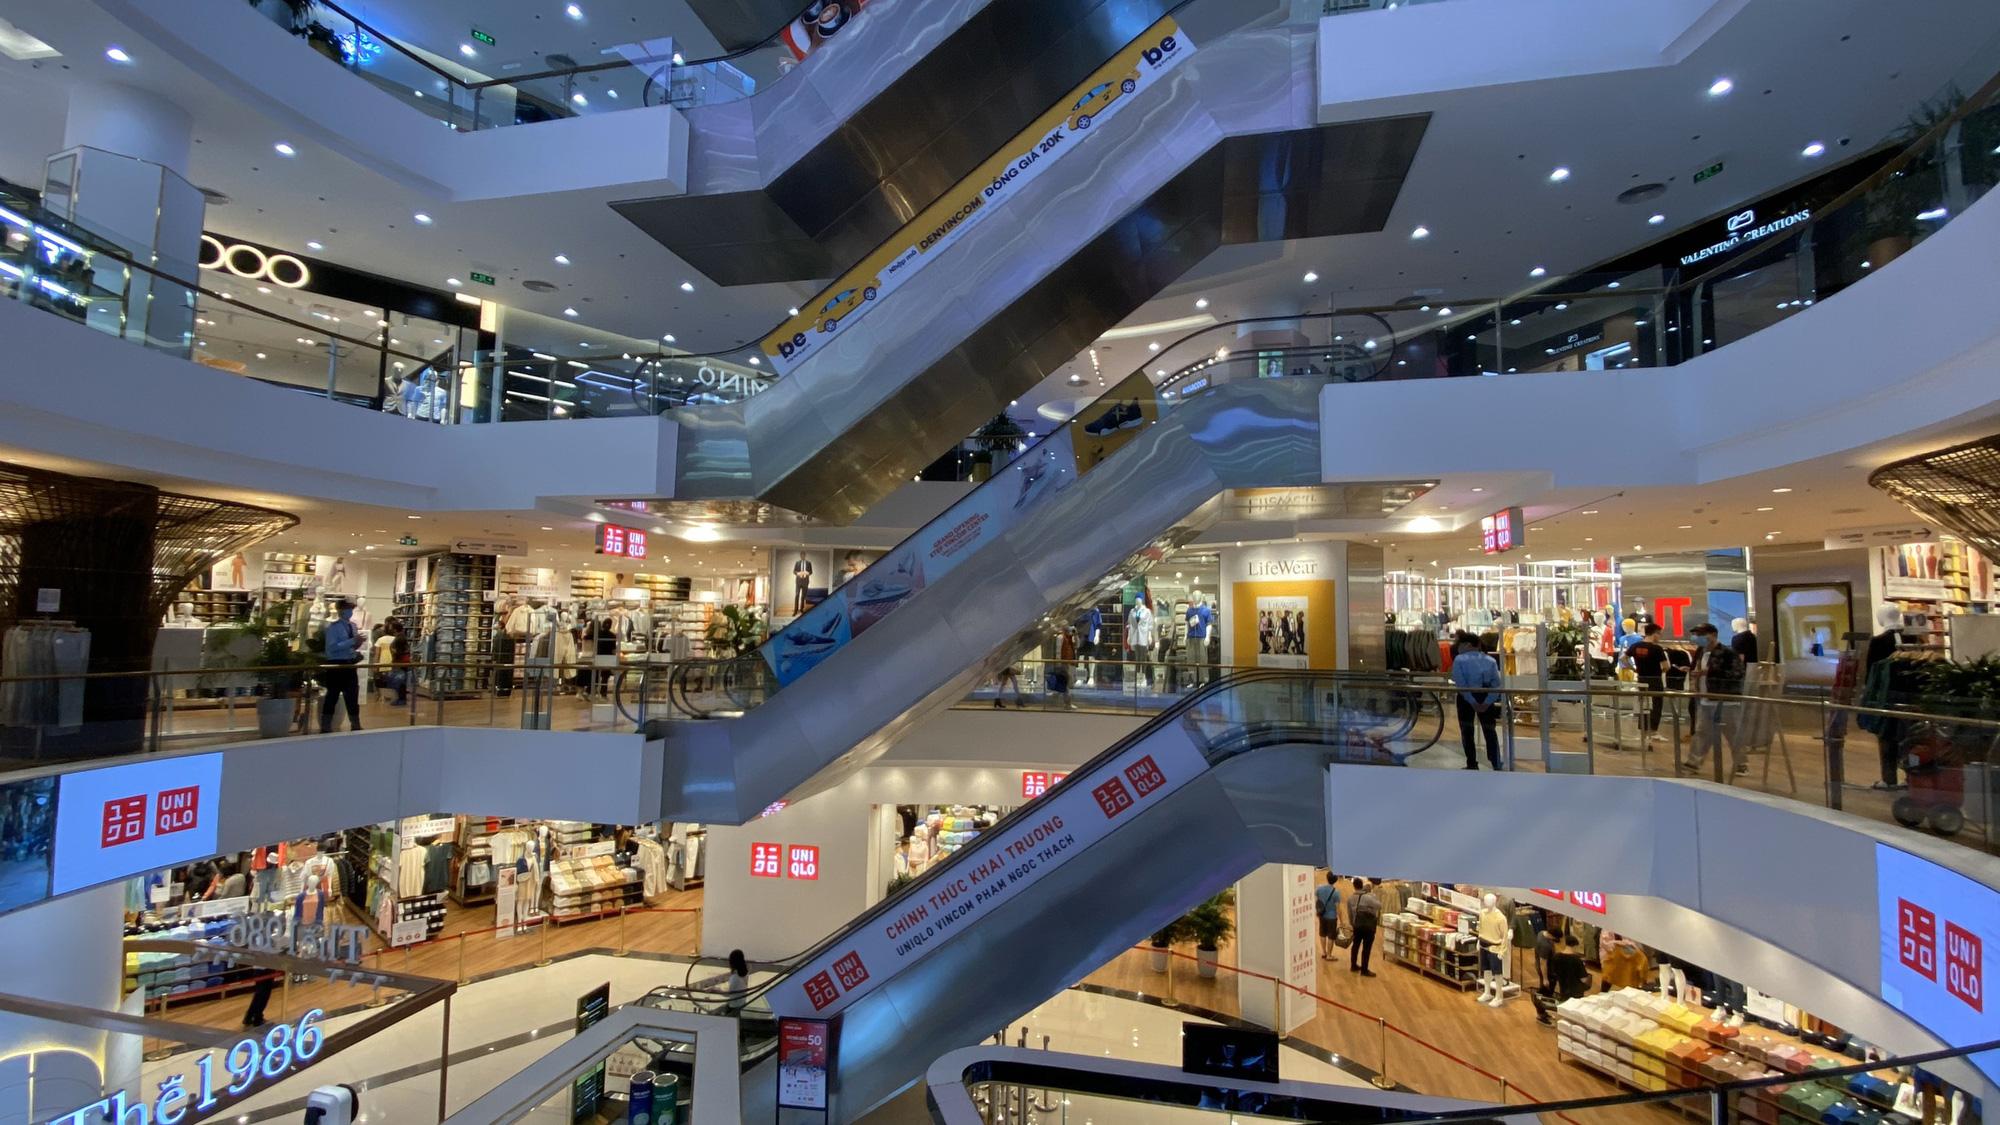 Uniqlo Hà Nội sau 1 tuần khai trương, khách hàng vẫn tới trải nghiệm mua sắm dù đang có dịch bệnh - Ảnh 10.